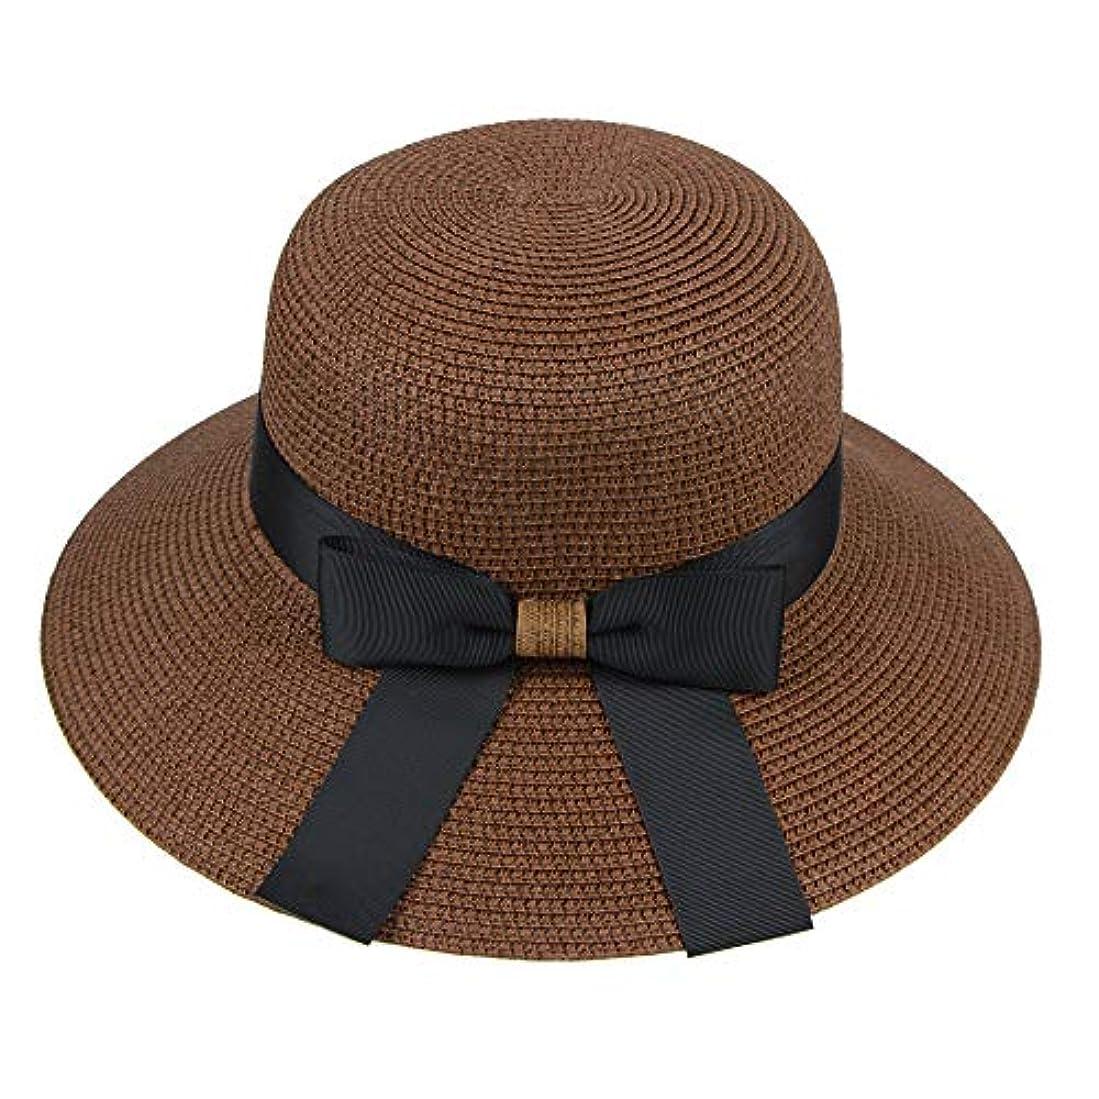 どちらもできたジョージハンブリー漁師帽 帽子 レディース UVカット 帽子 夏季 海 旅行 UV帽子 日焼け防止 つば広 取り外すあご紐 おしゃれ 可愛い ワイルド カジュアル スタイル ファッション シンプル 夏 ビーチ 必須 小顔効果 ROSE ROMAN